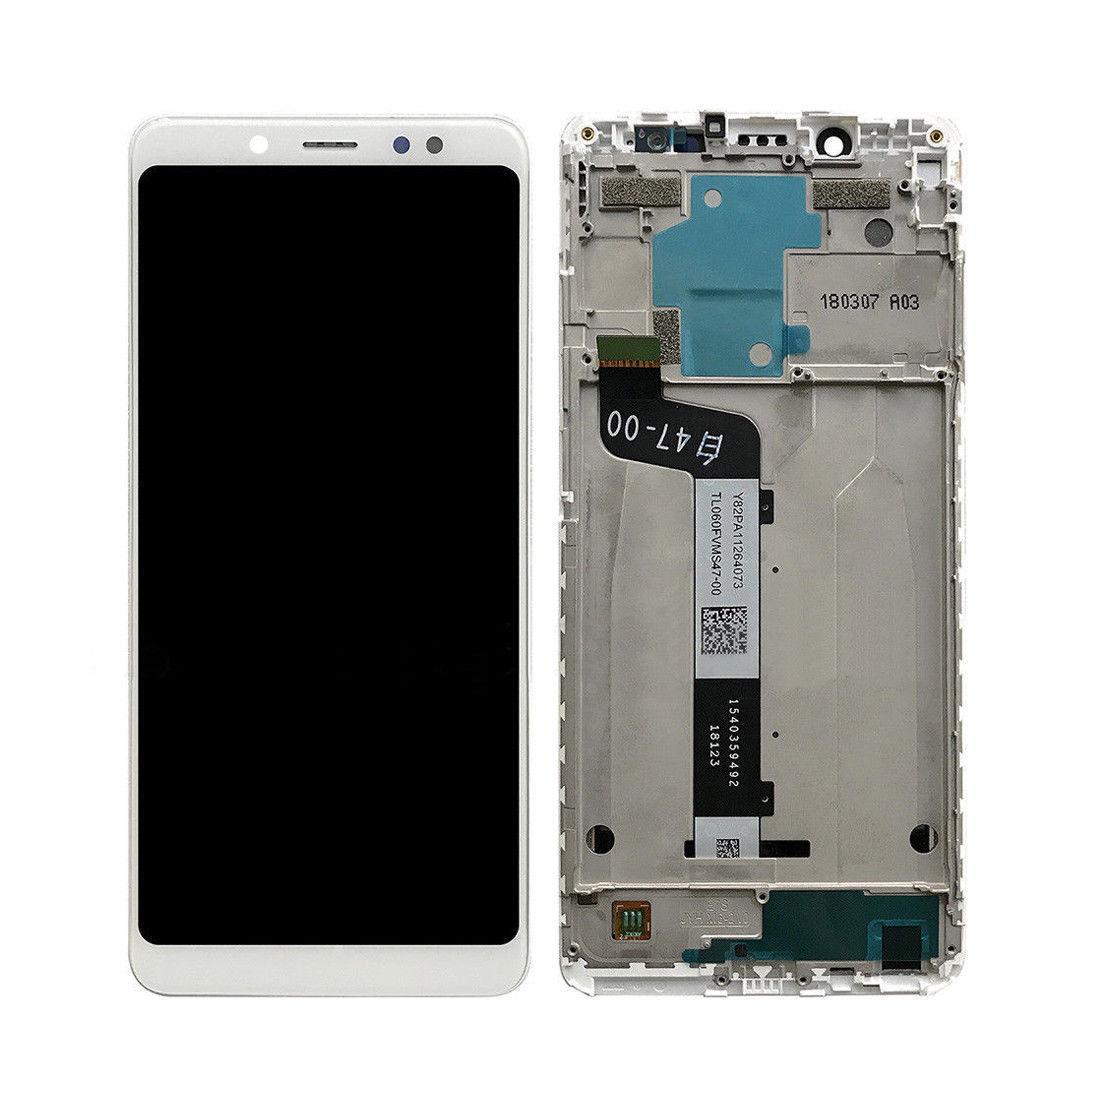 Дисплей Xiaomi Redmi Note 5, Redmi Note 5 Pro + сенсор белый + рамка